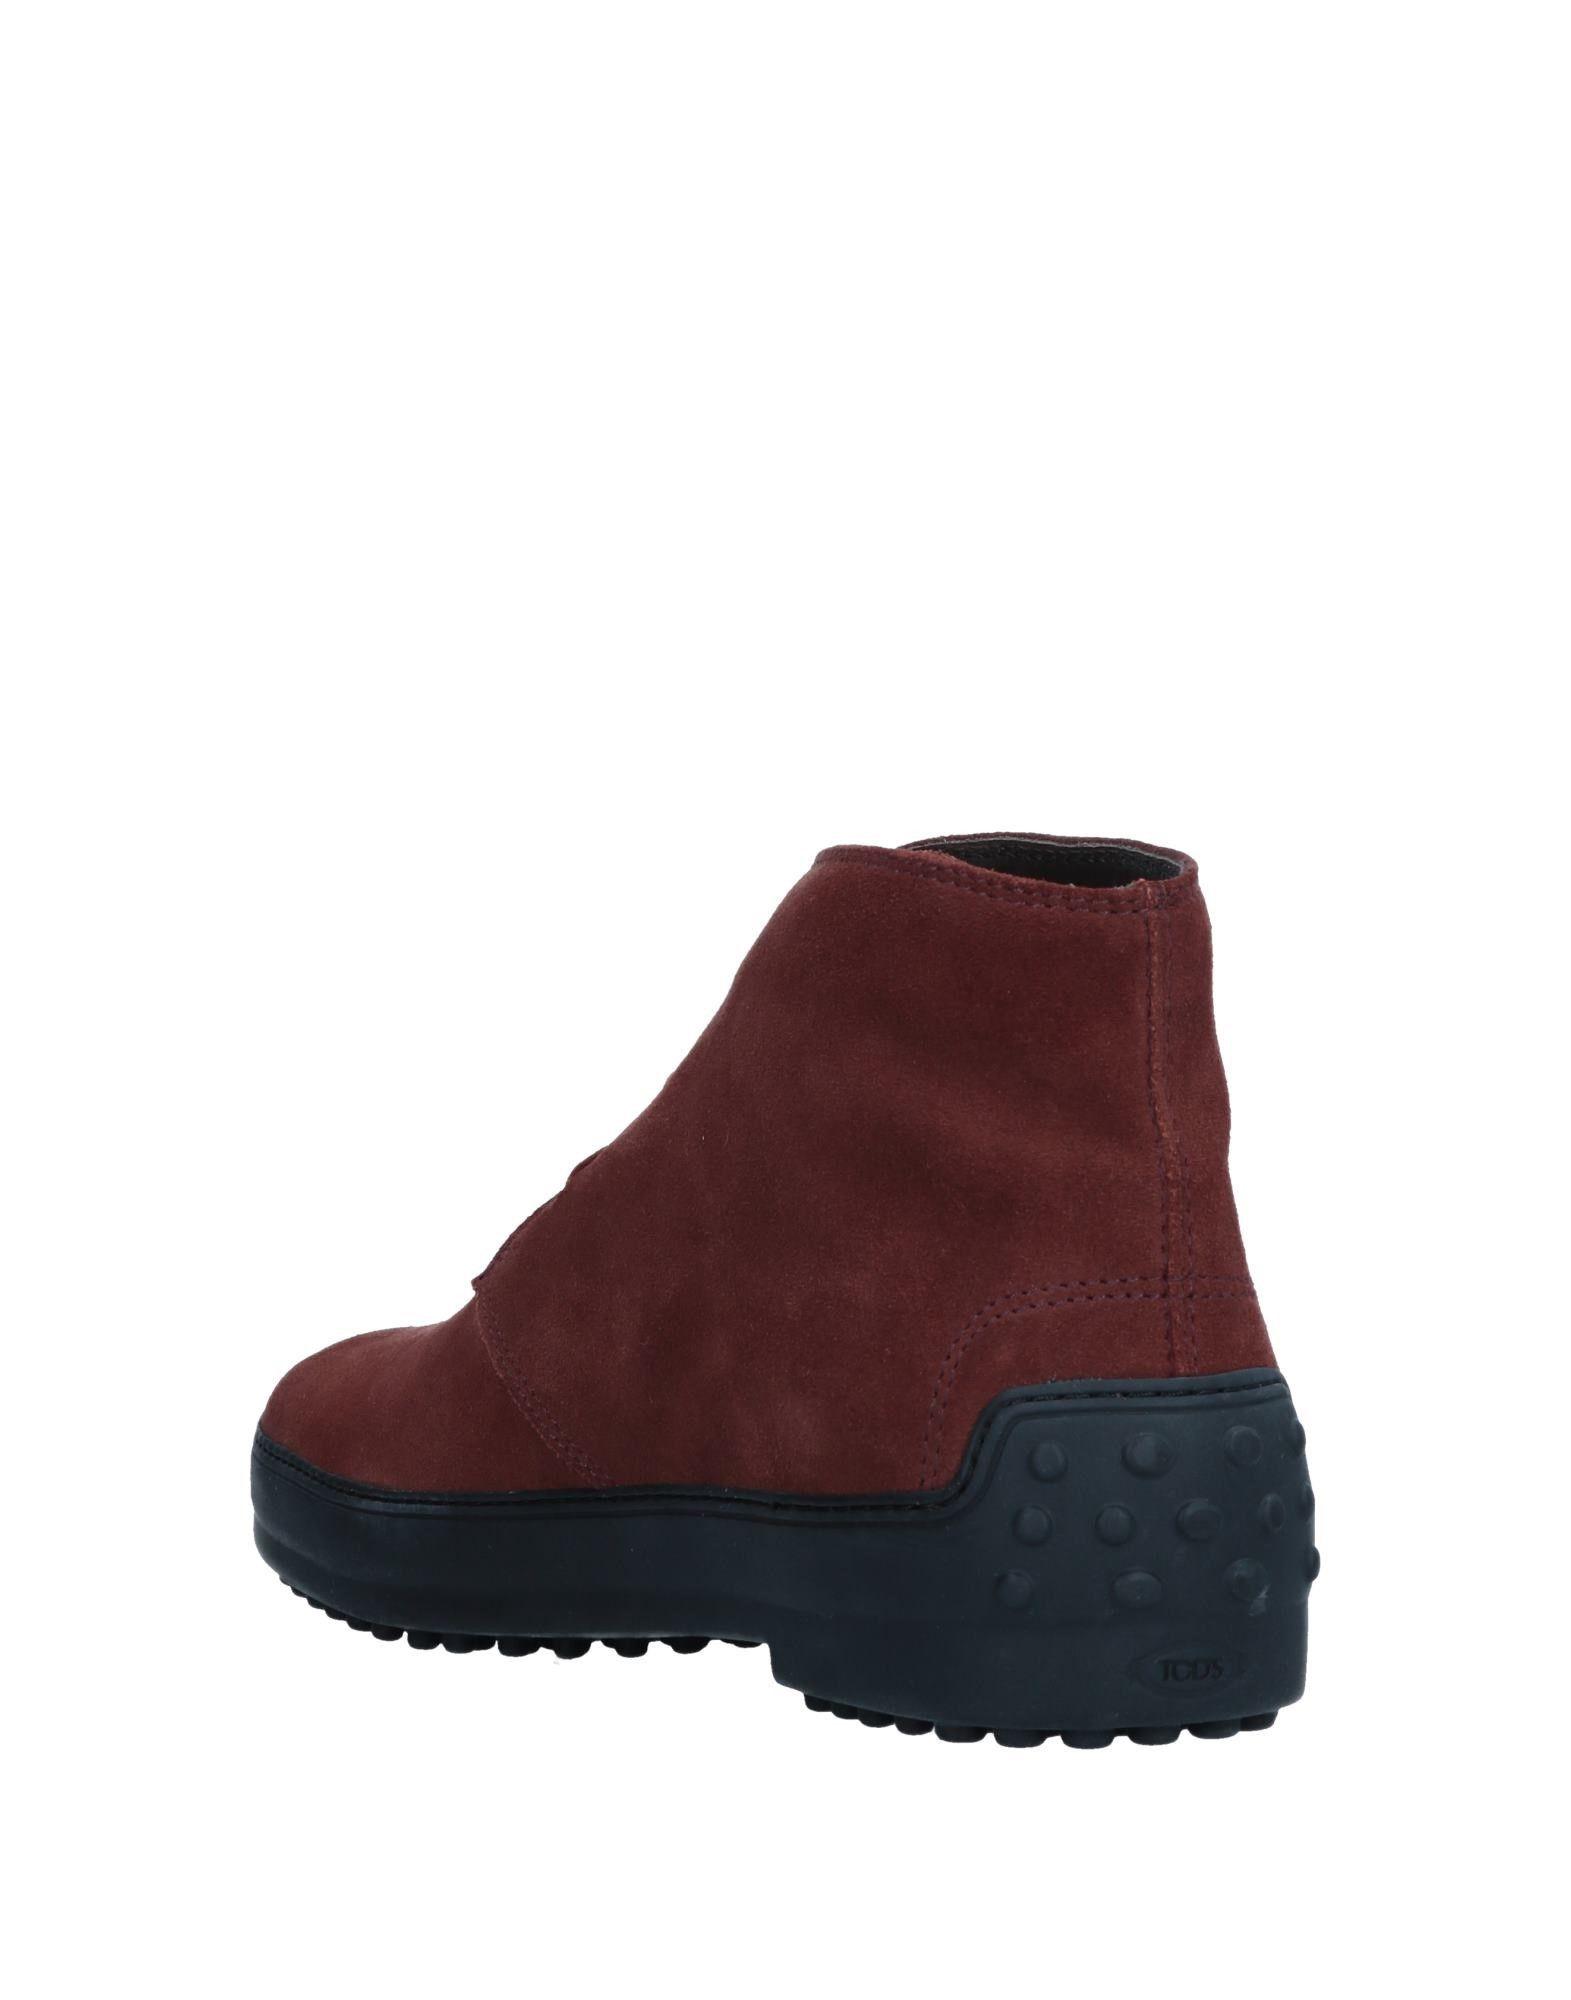 Tod's Stiefelette Herren  Schuhe 11544287XC Gute Qualität beliebte Schuhe  276673